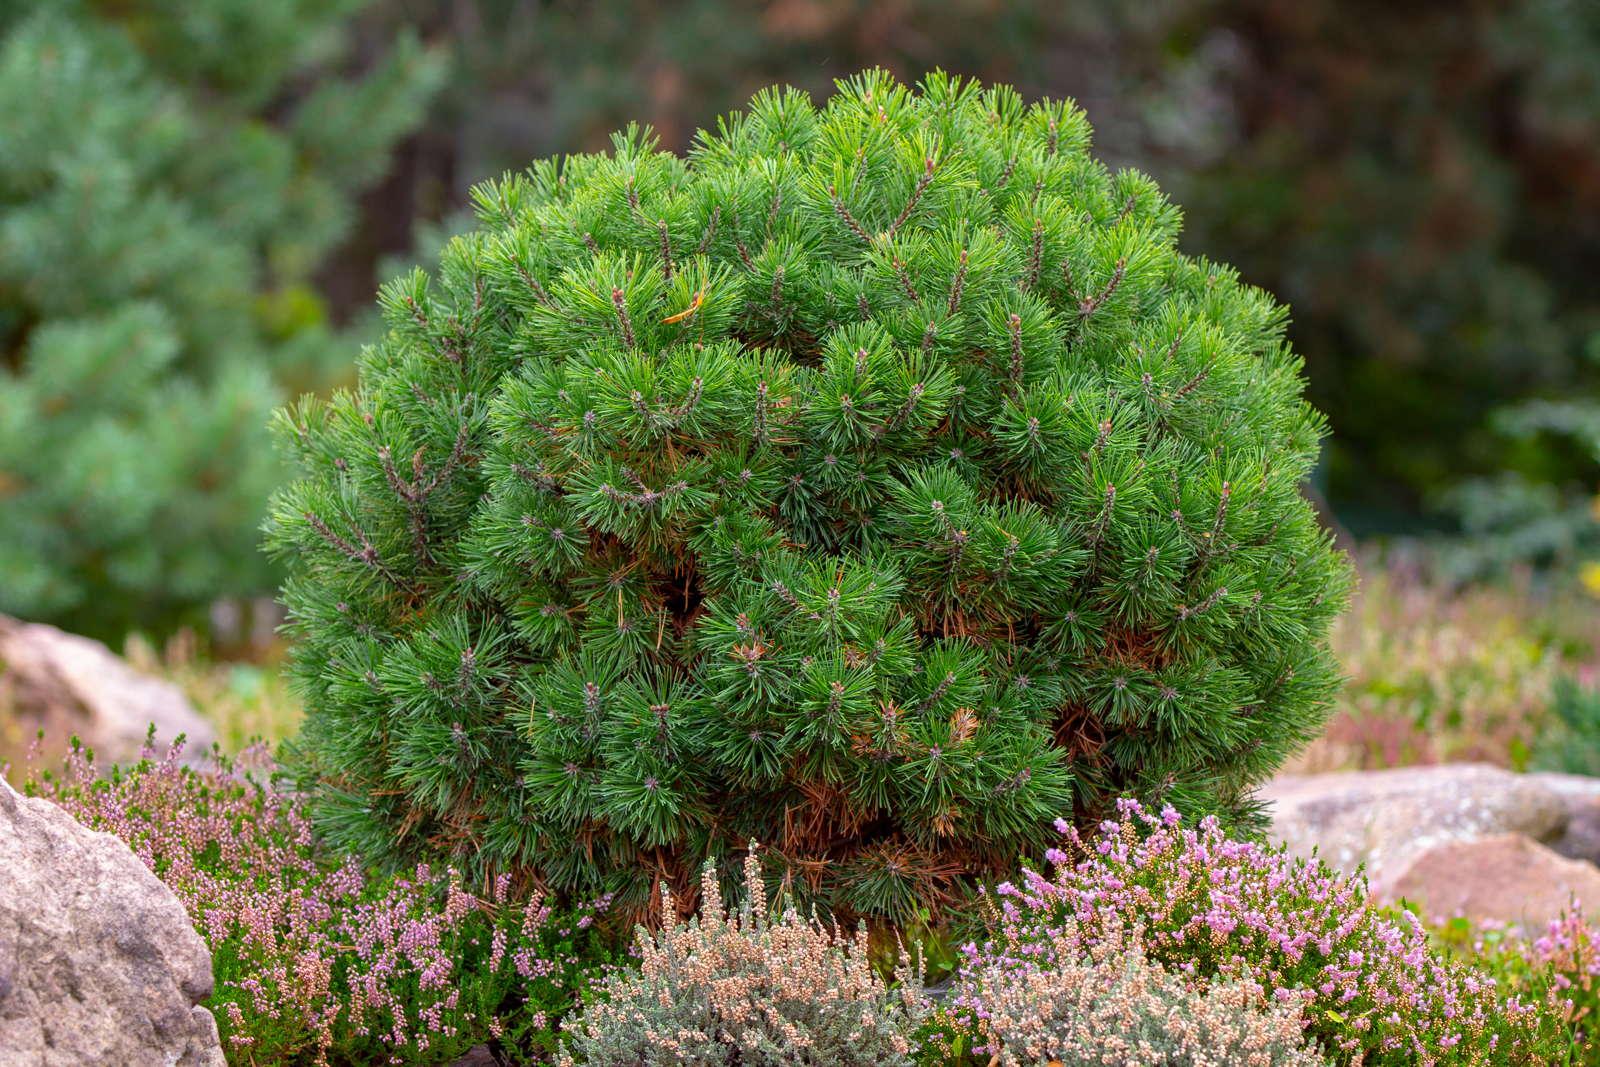 Immergrune Kubelpflanzen Pflanzen Fur Kubel